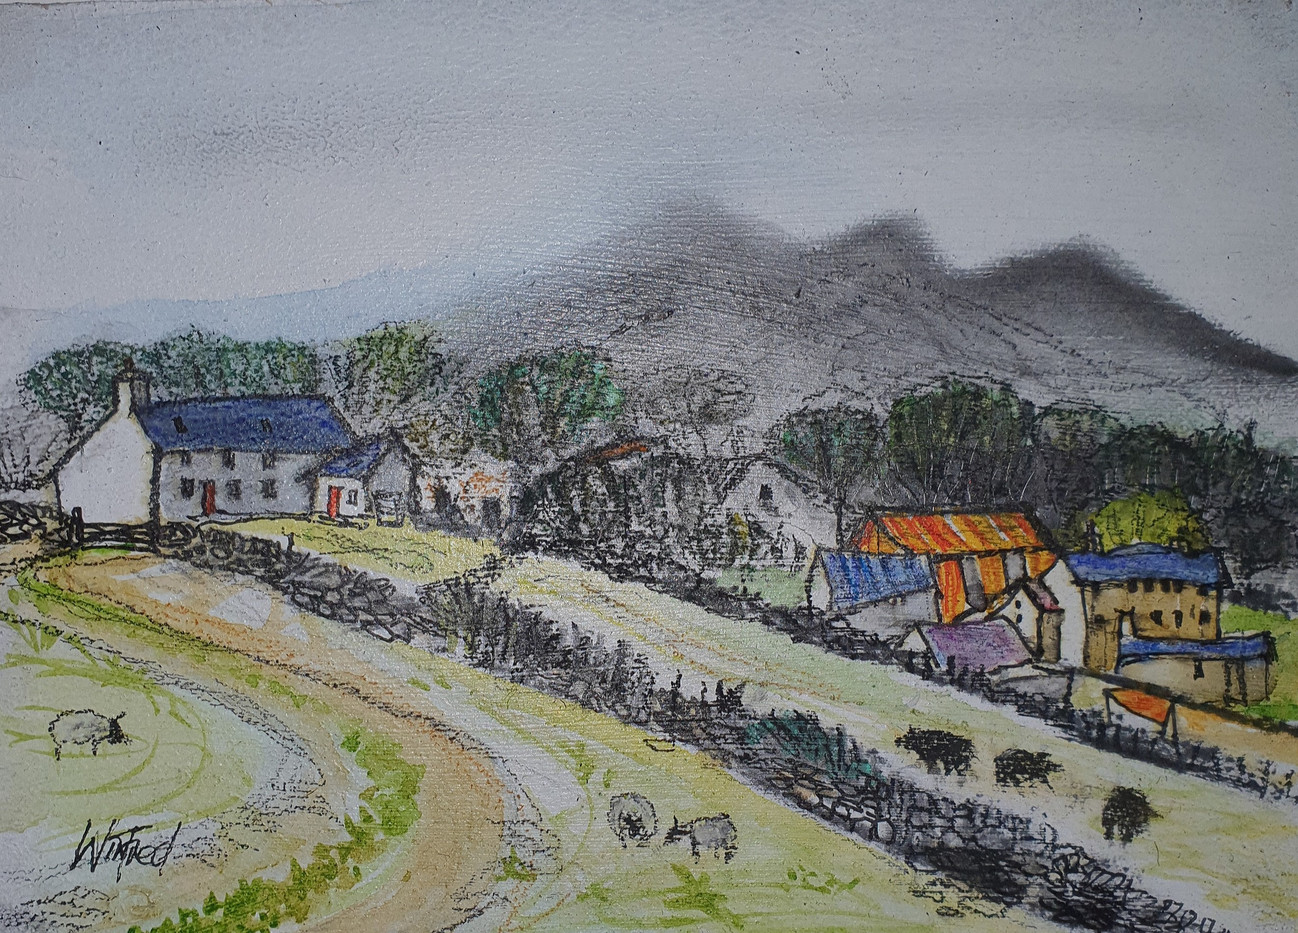 Near Trawsfynydd